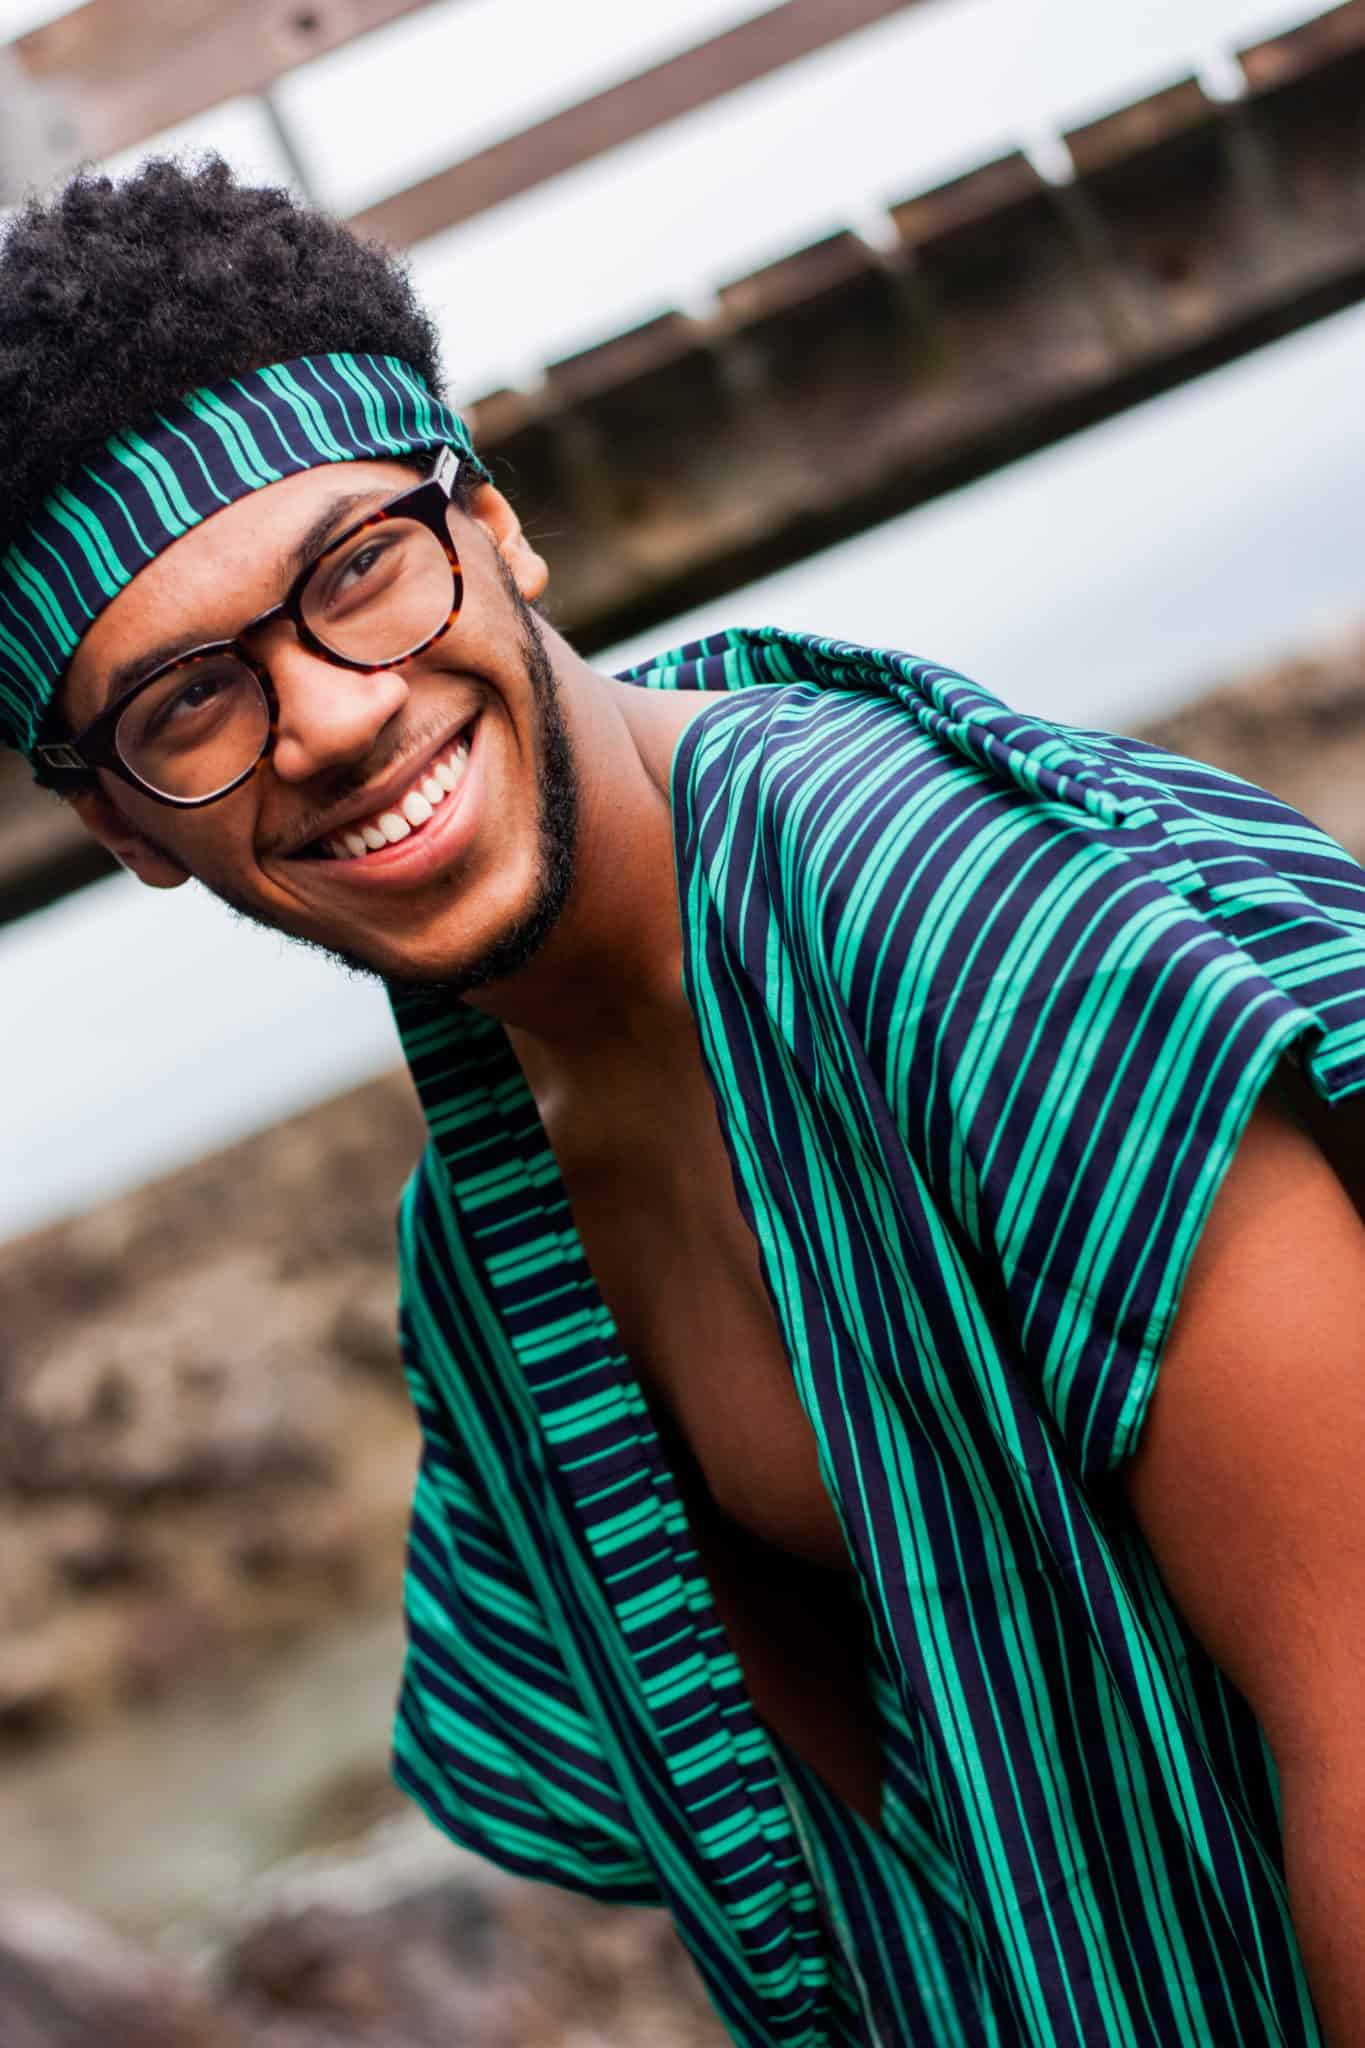 Green Striped TildaKimono   Black man with Glasses   Summer Music Festival Look for Men